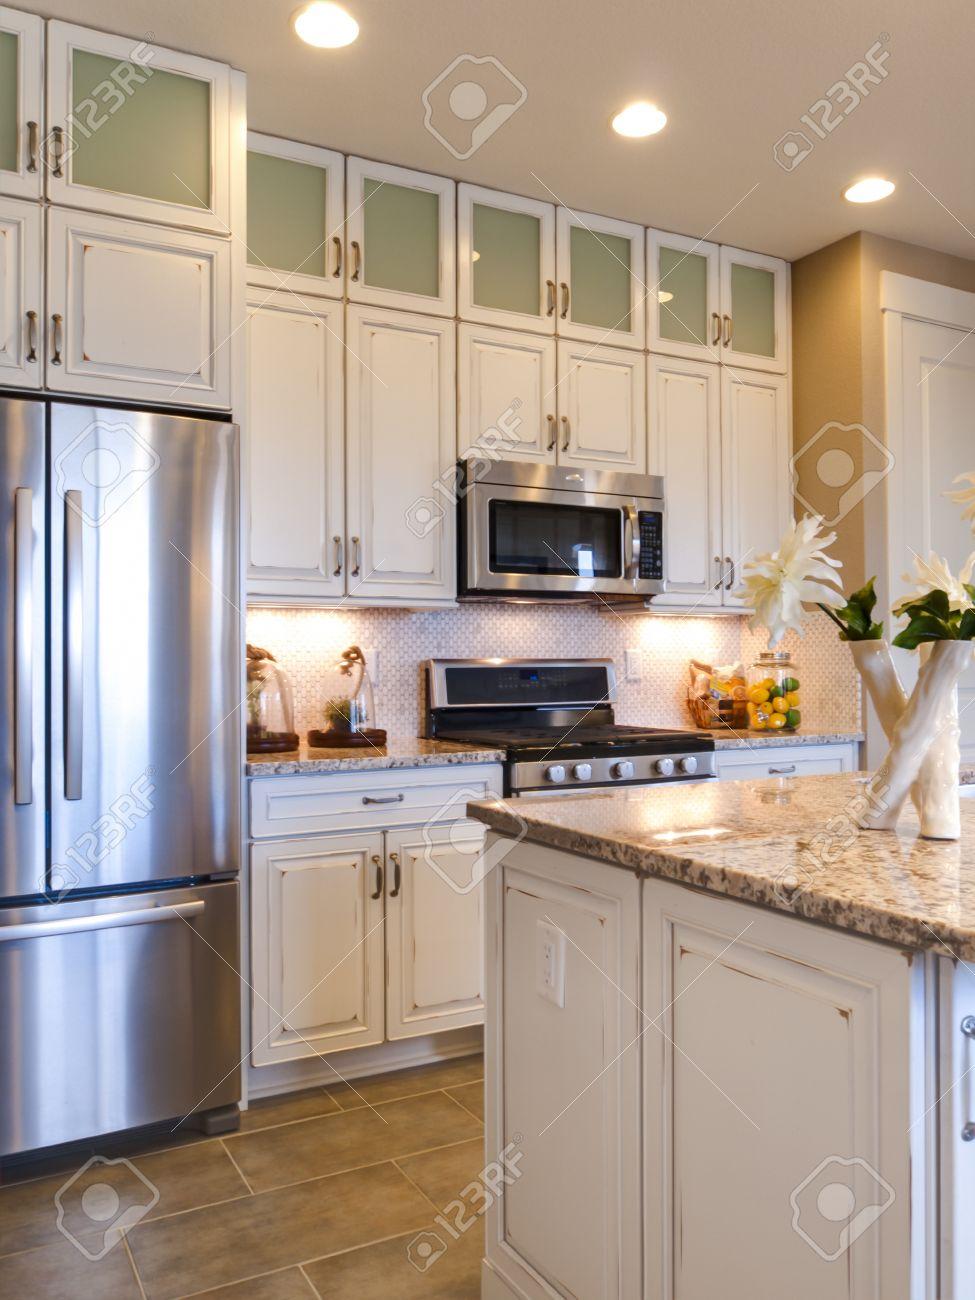 Moderne Küche Mit Weißen Schränken Und Edelstahl Geräte. Standard Bild    15079413